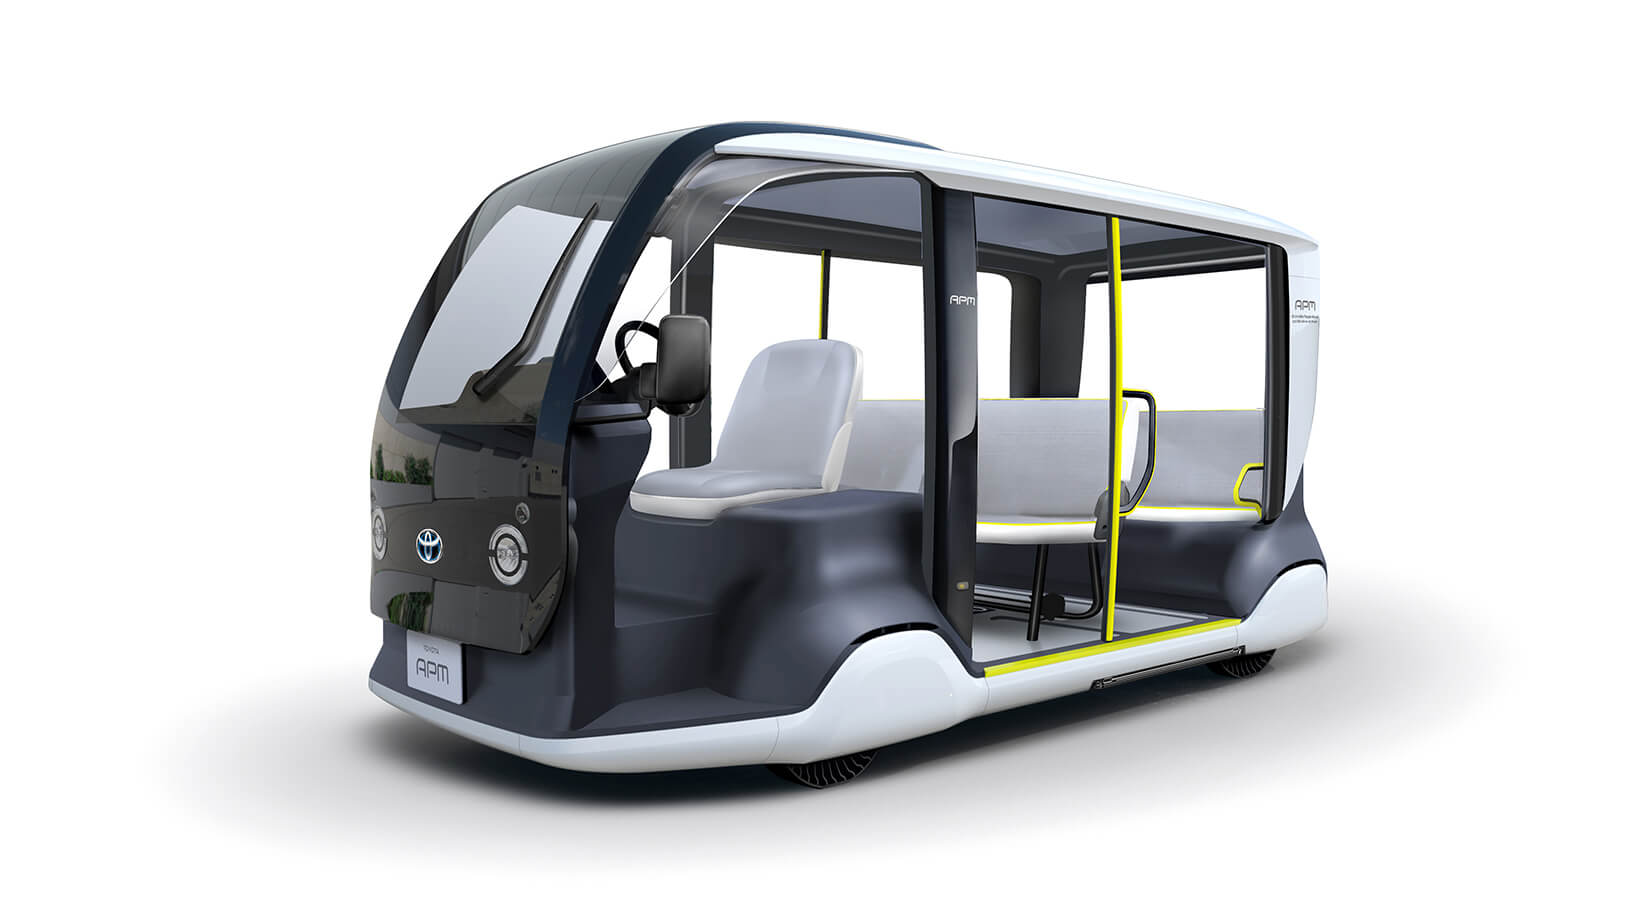 Toyota выпустит специальный электромобиль APM для Олимпийский игр